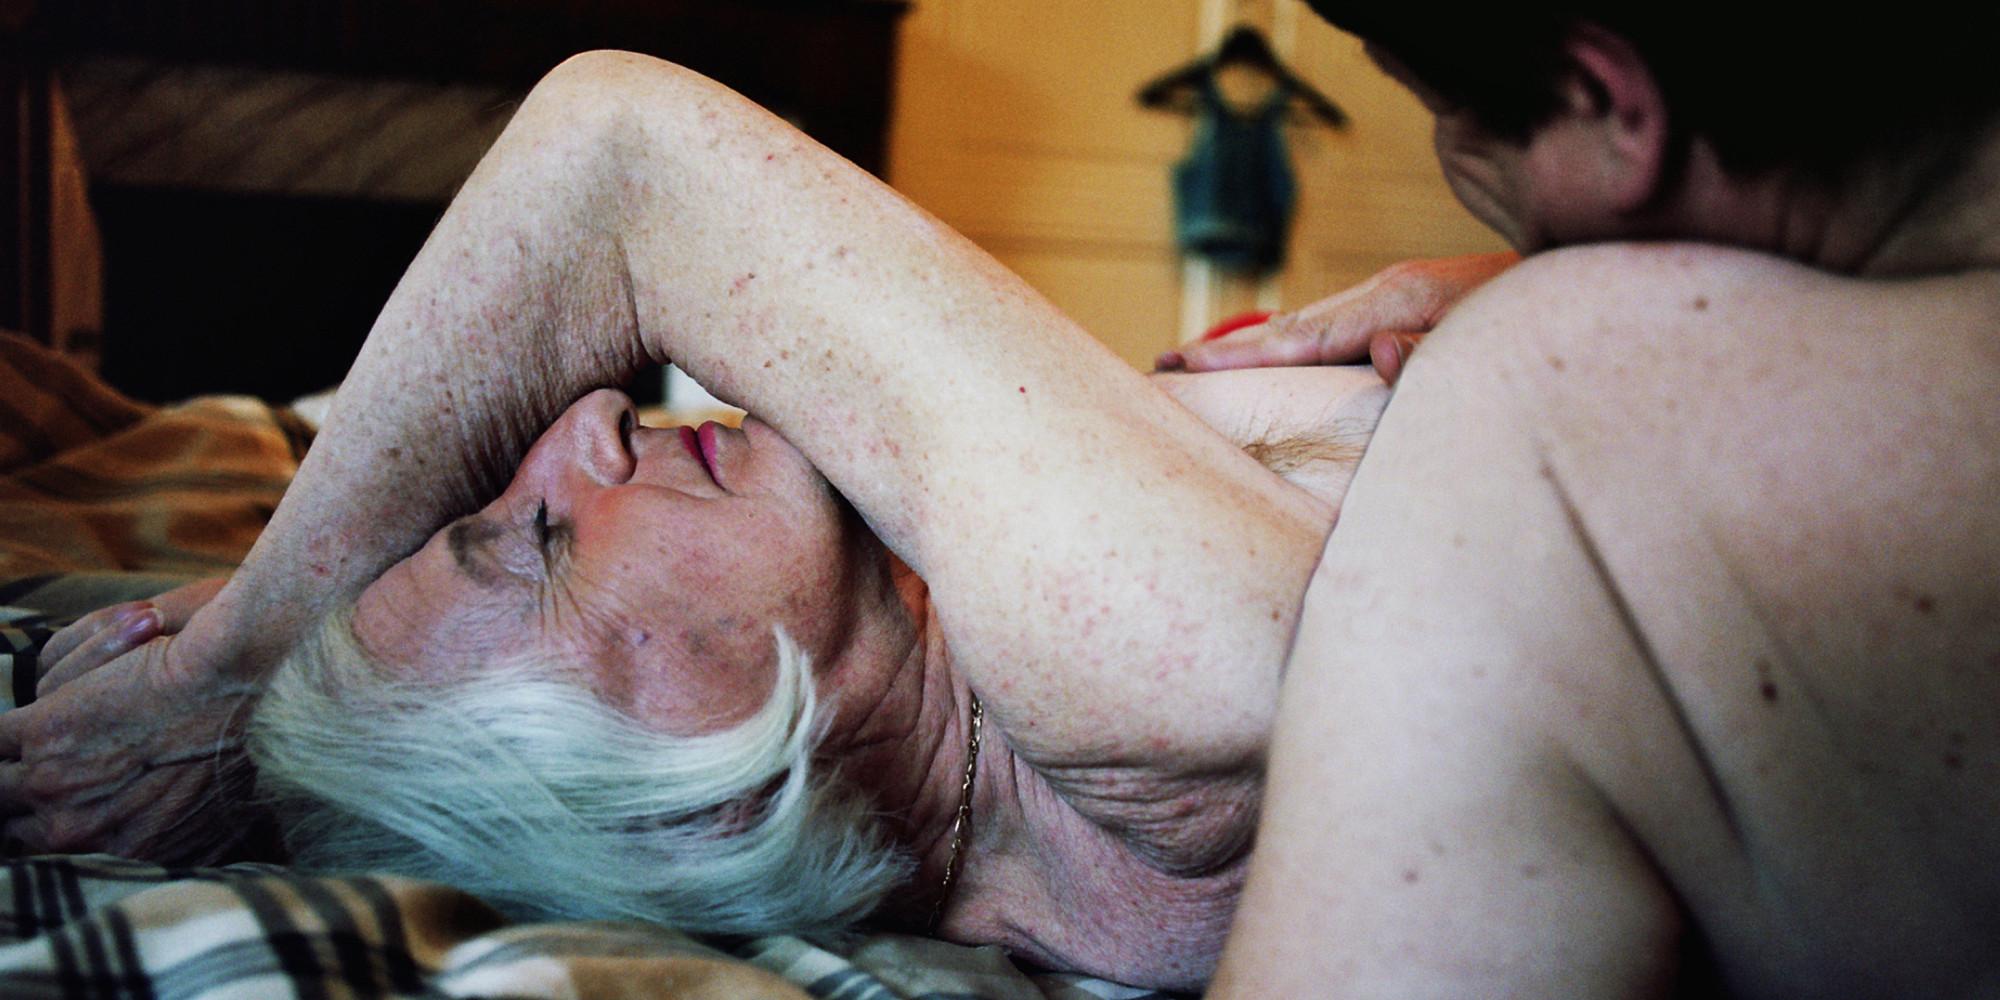 hemungslosen sex hermaphroditismus sex